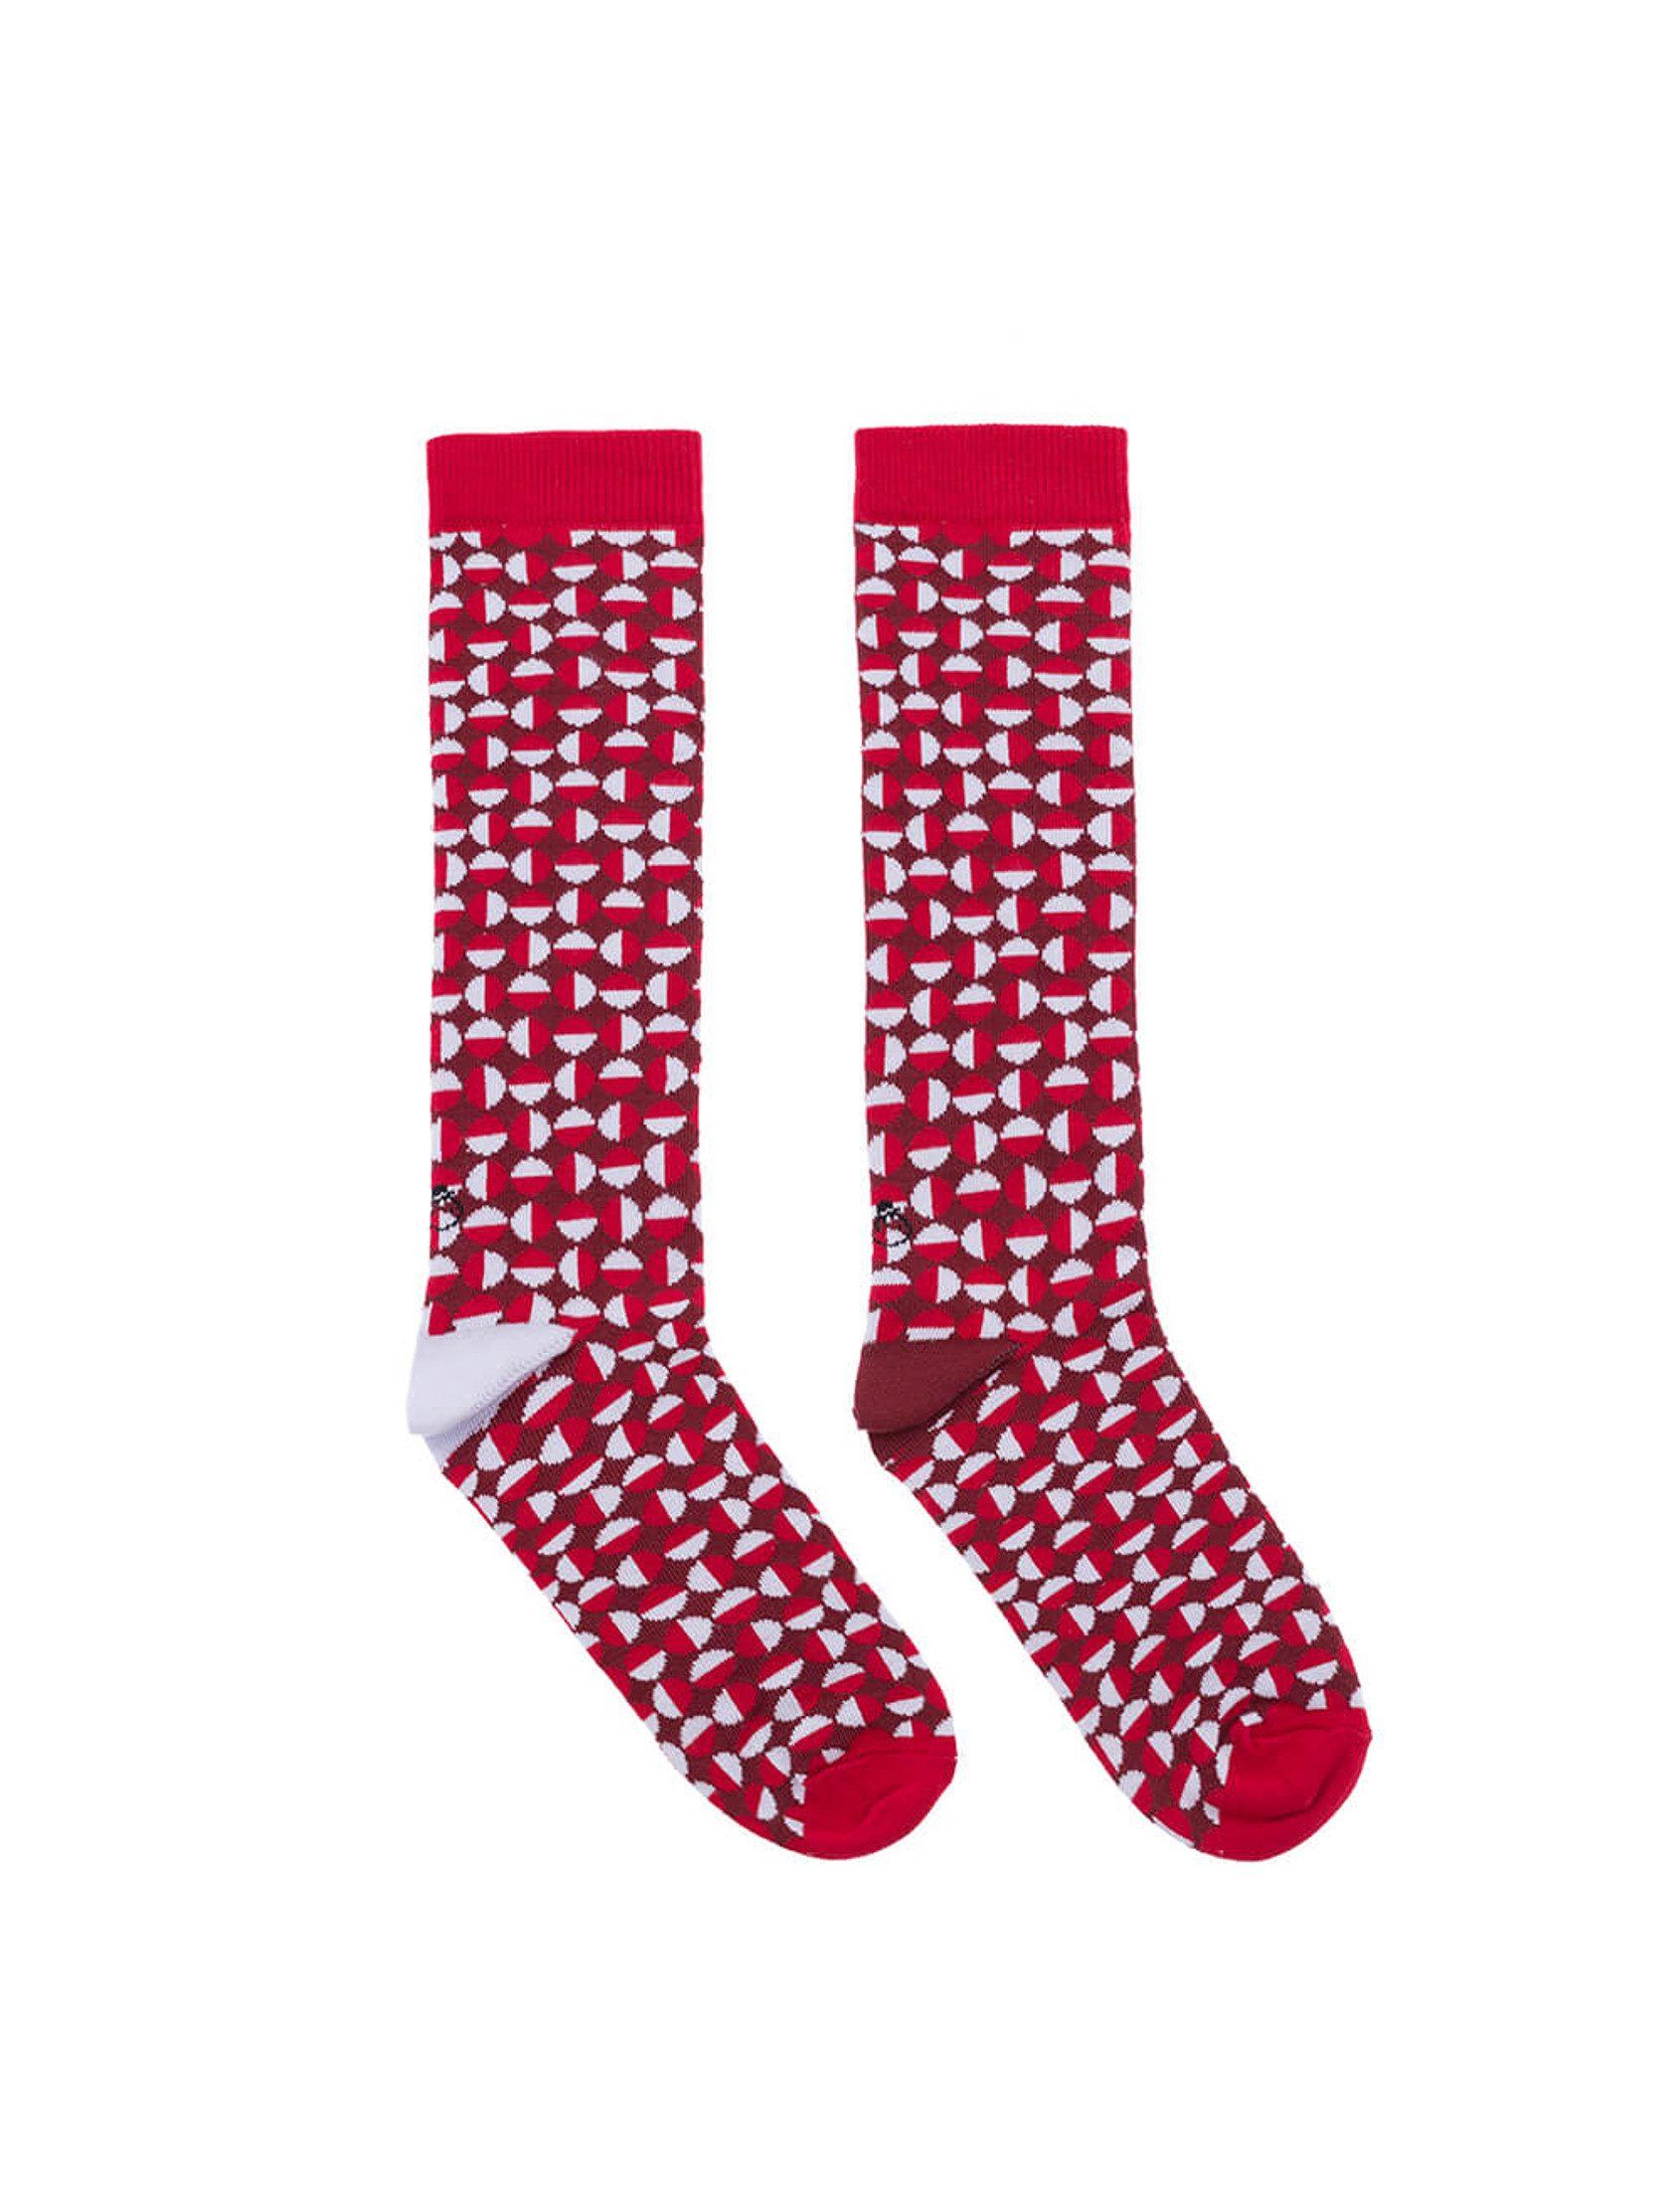 Calcetines divertidos asimétricos en rojo oscuro, rojo claro y gris. Compuestos de círculos donde combinan la gama de rojos sobre el gris. Talón derecho en gris y talón izquierdo en rojo.